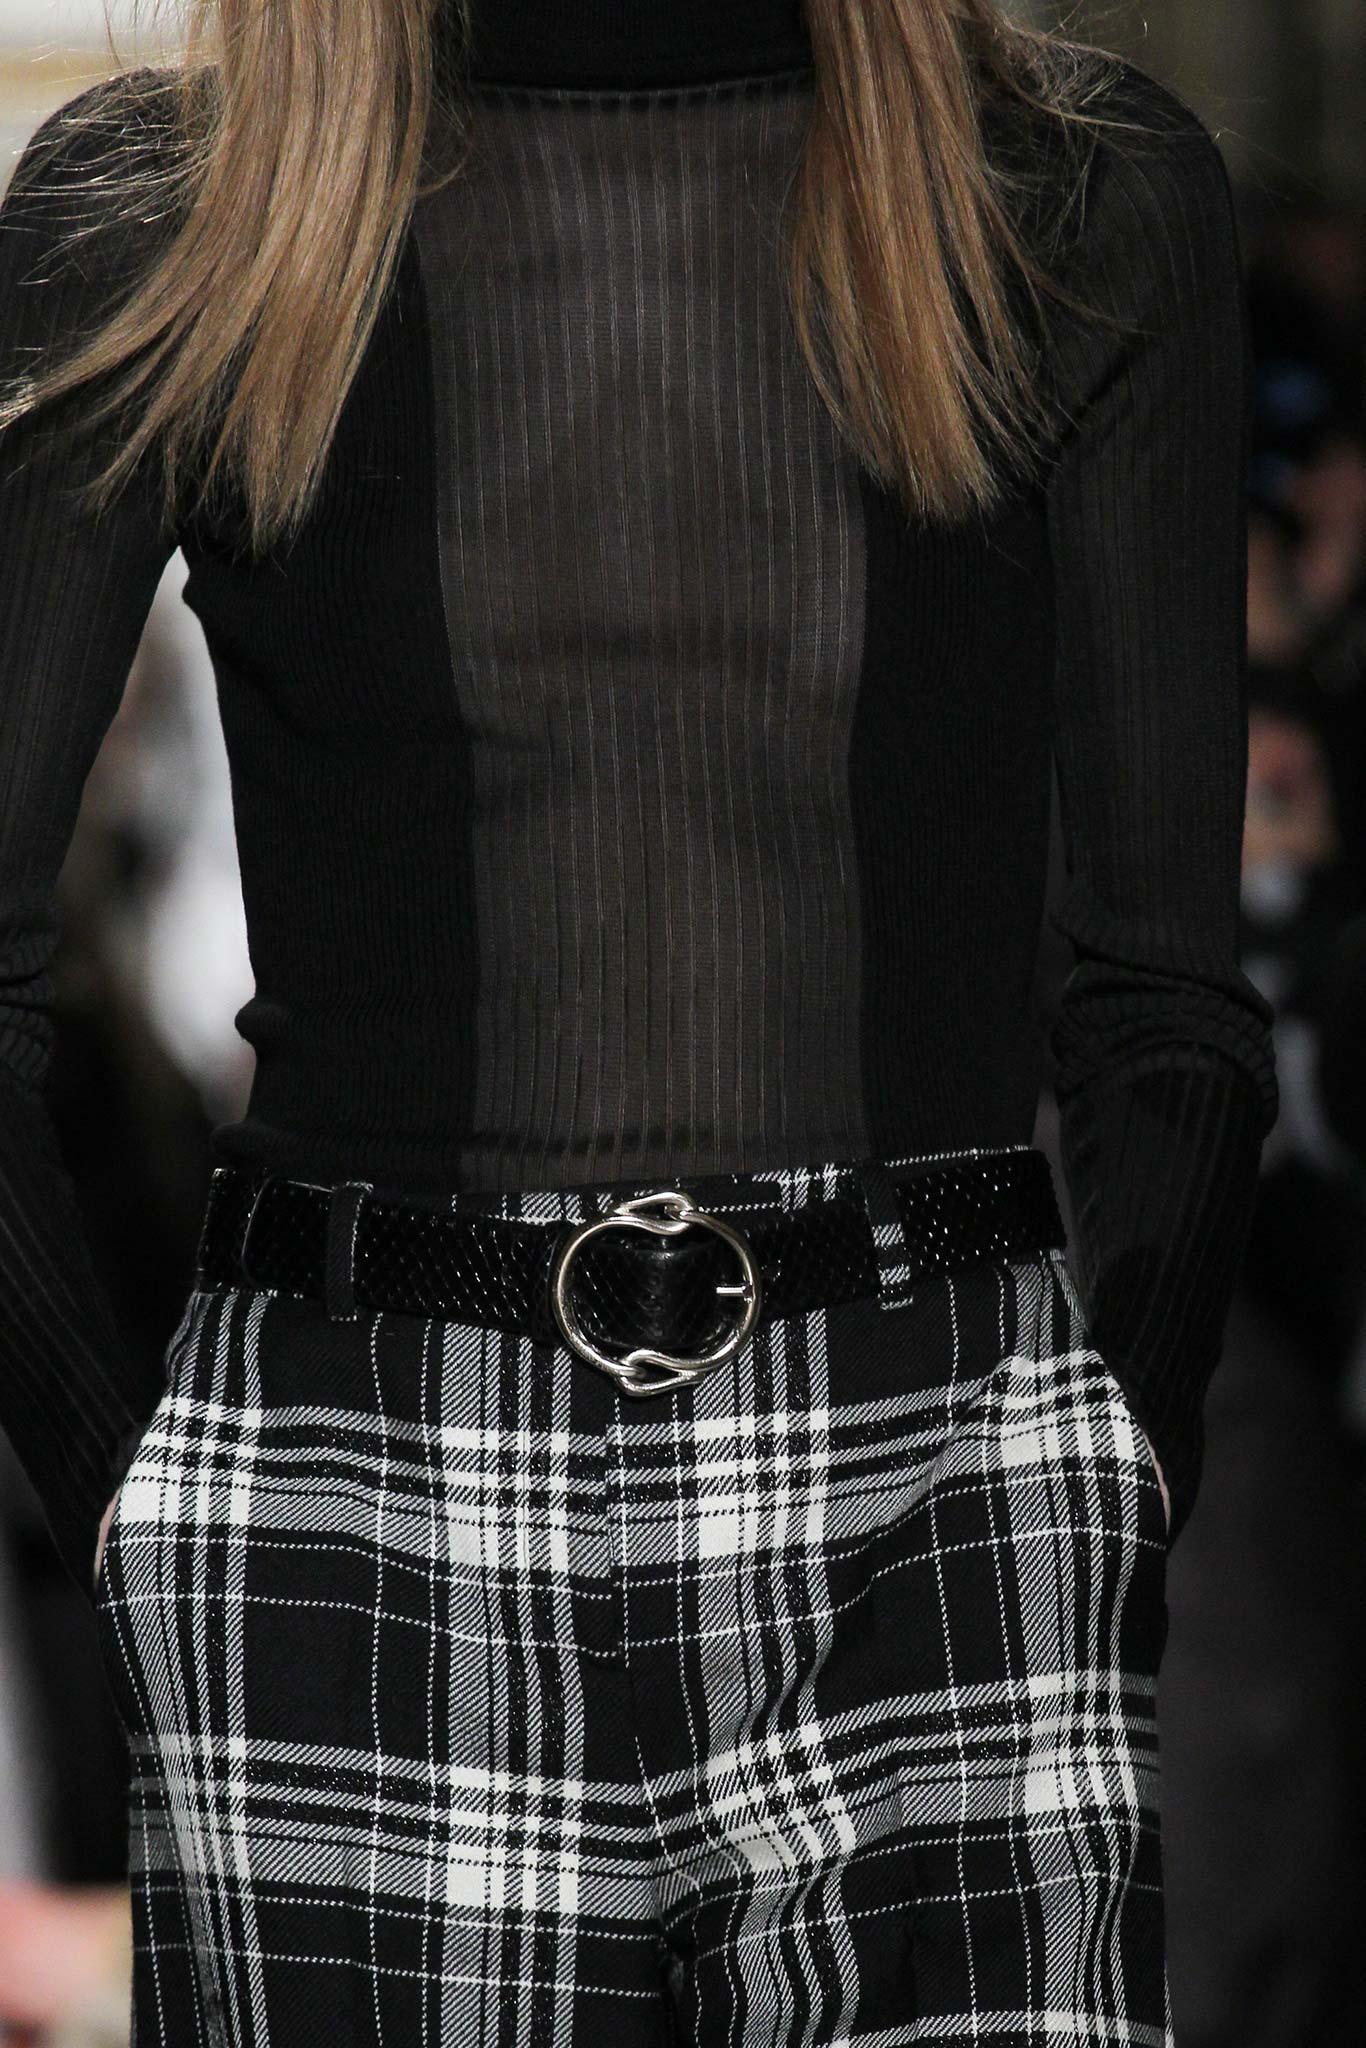 Emilio Pucci - Inverno 2015-2016 imagem: style.com